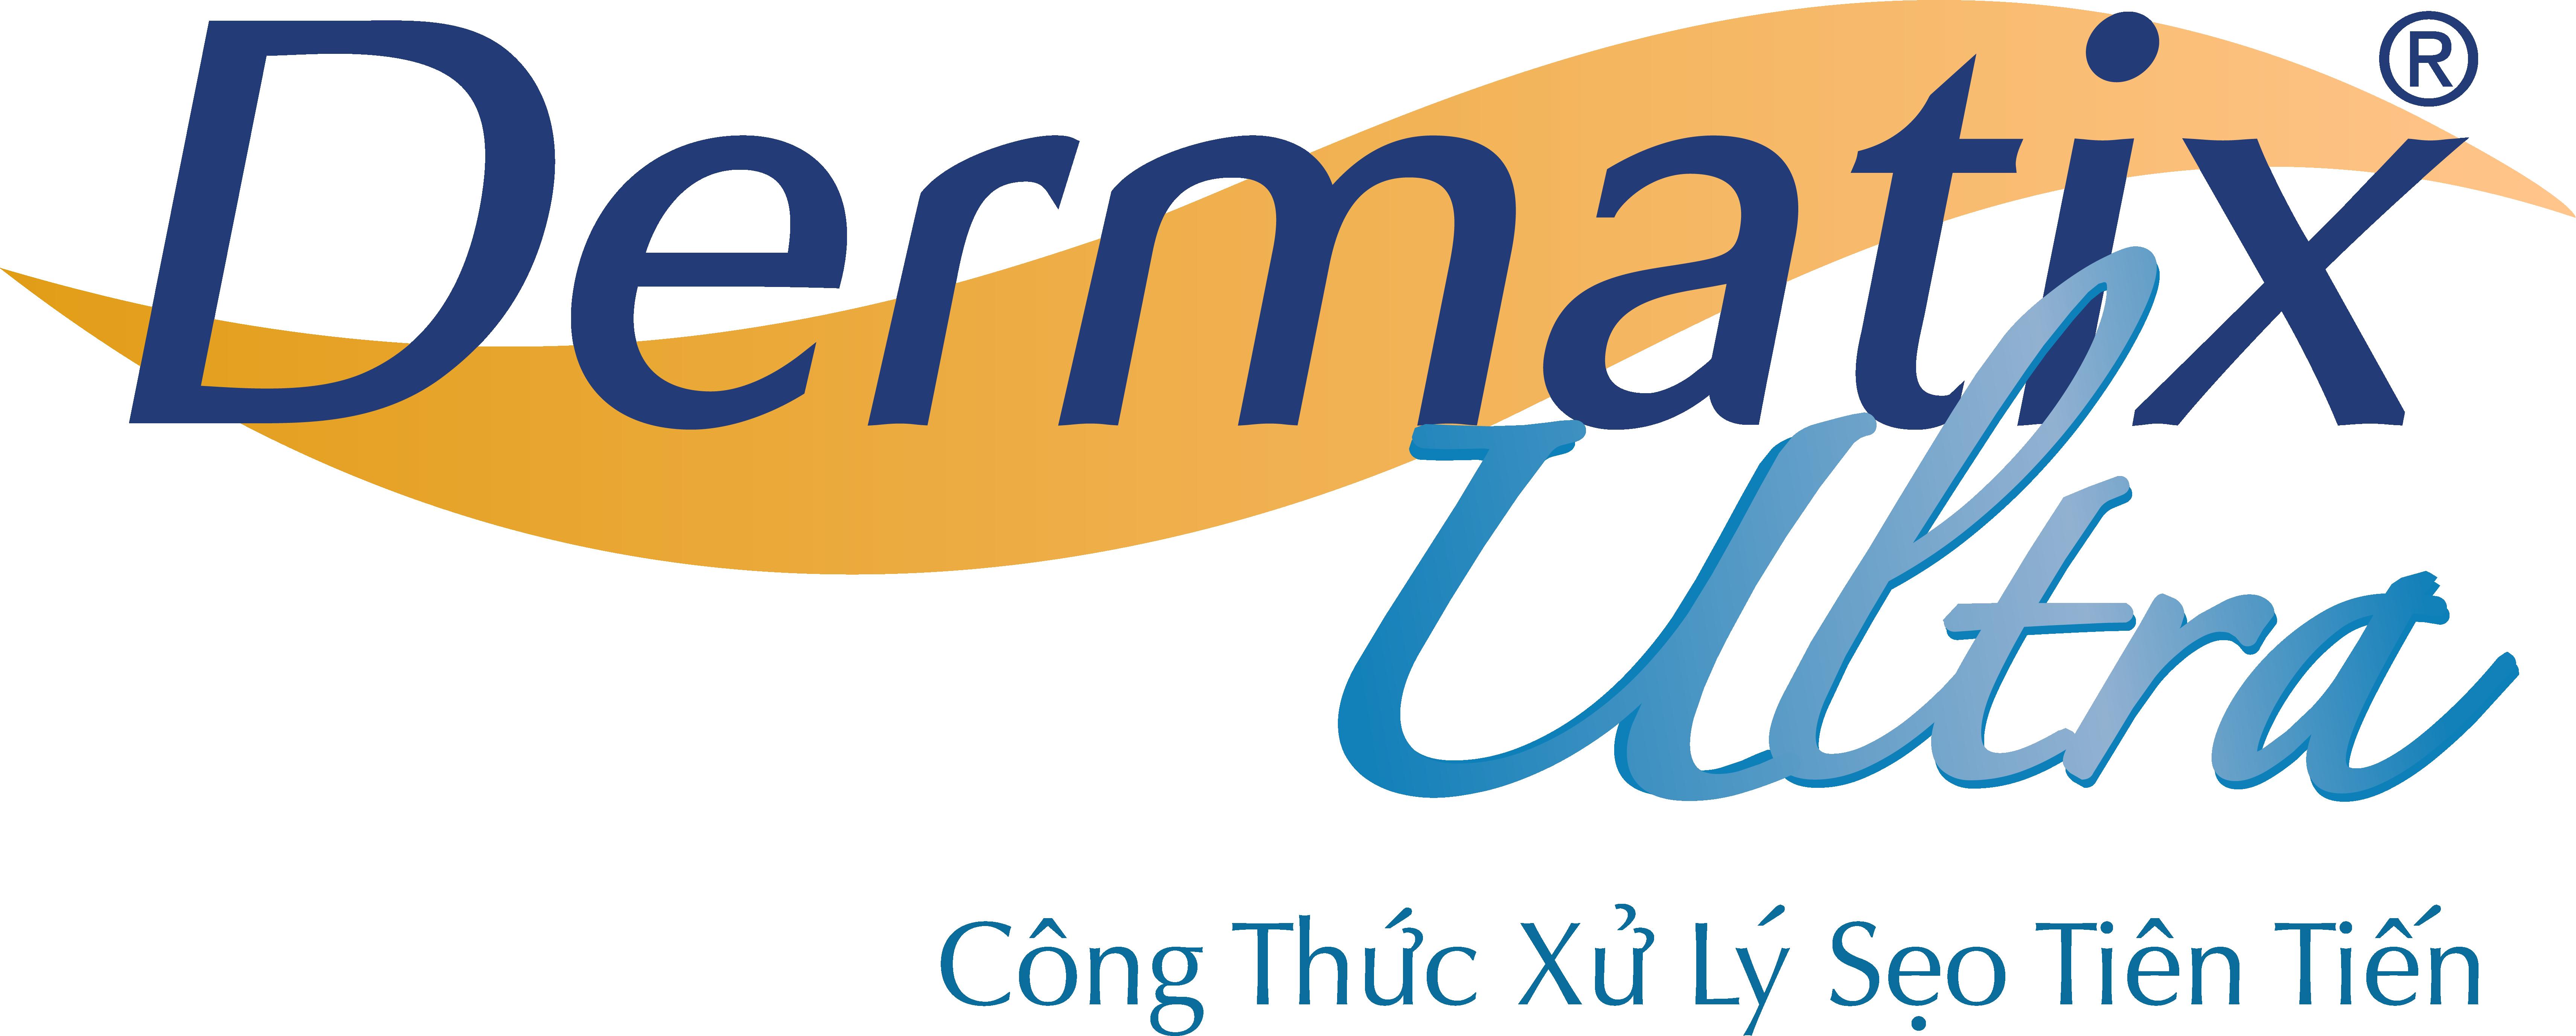 dermatix-logo-high